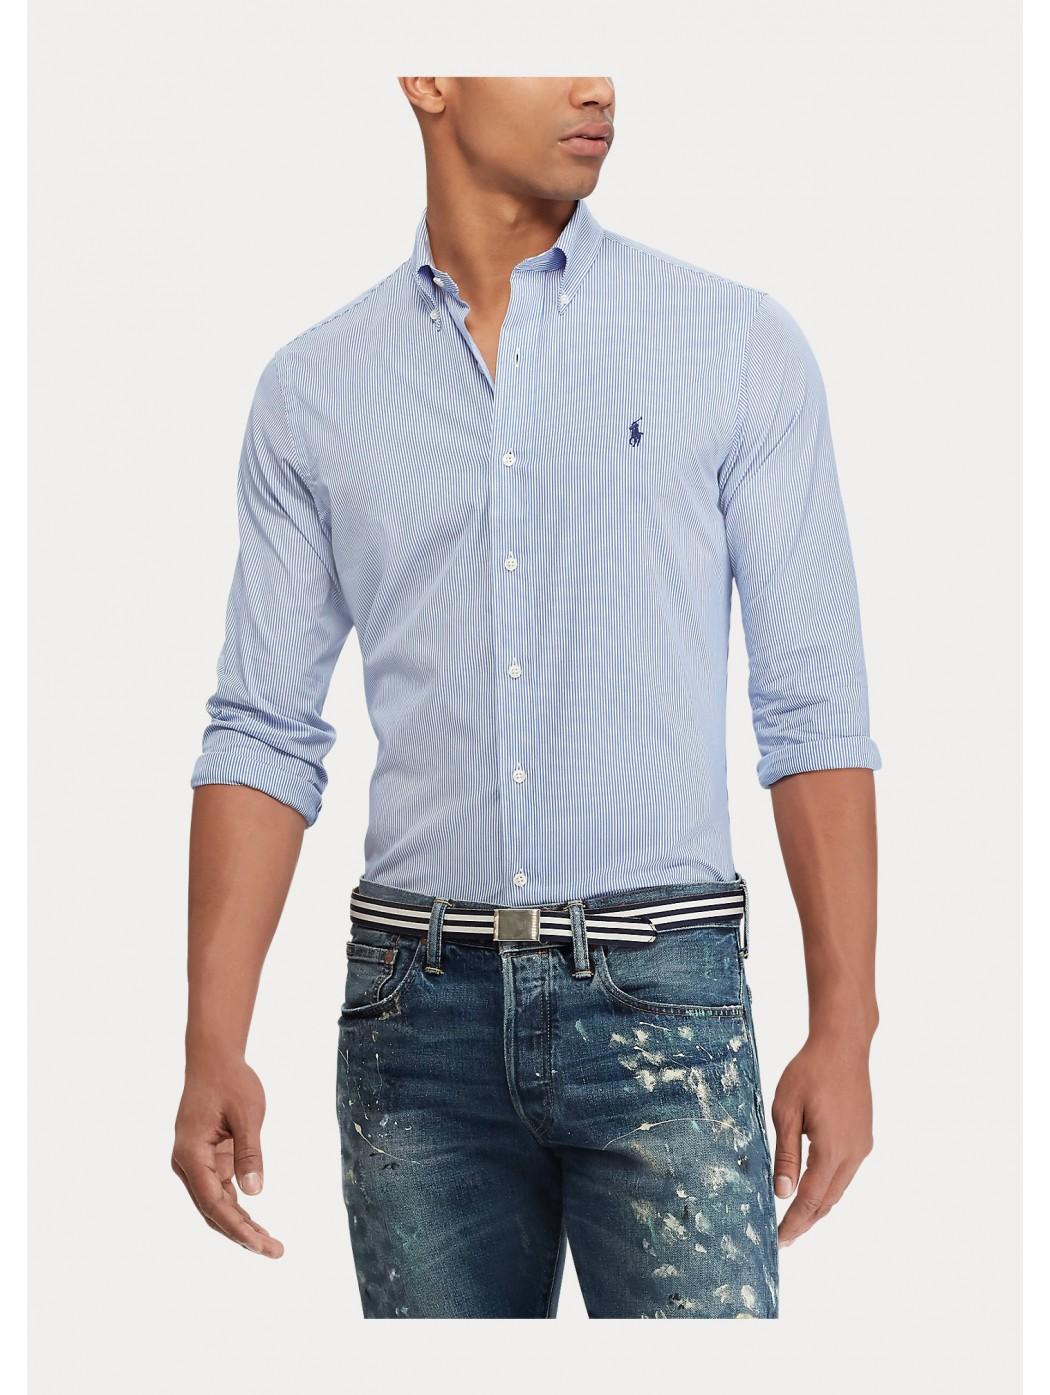 Camicia popeline a righe Slim-Fit POLO RALPH LAUREN UOMO 710705269 003